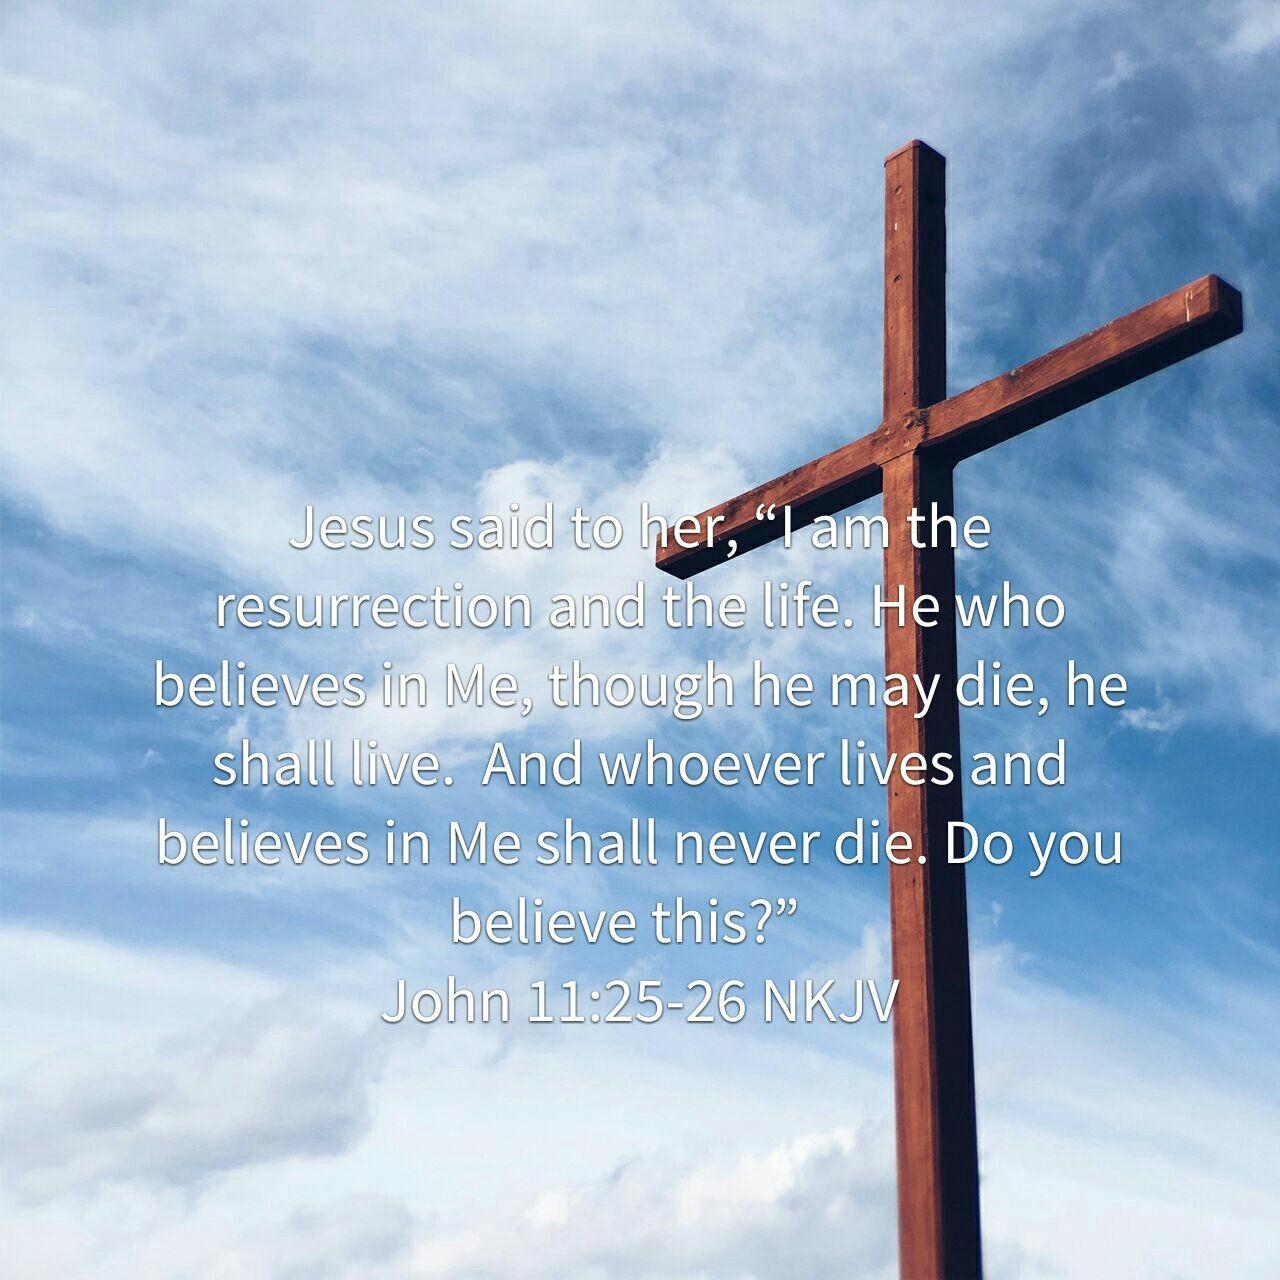 John 11:25-26 NKJV  YouVersion Holy Bible